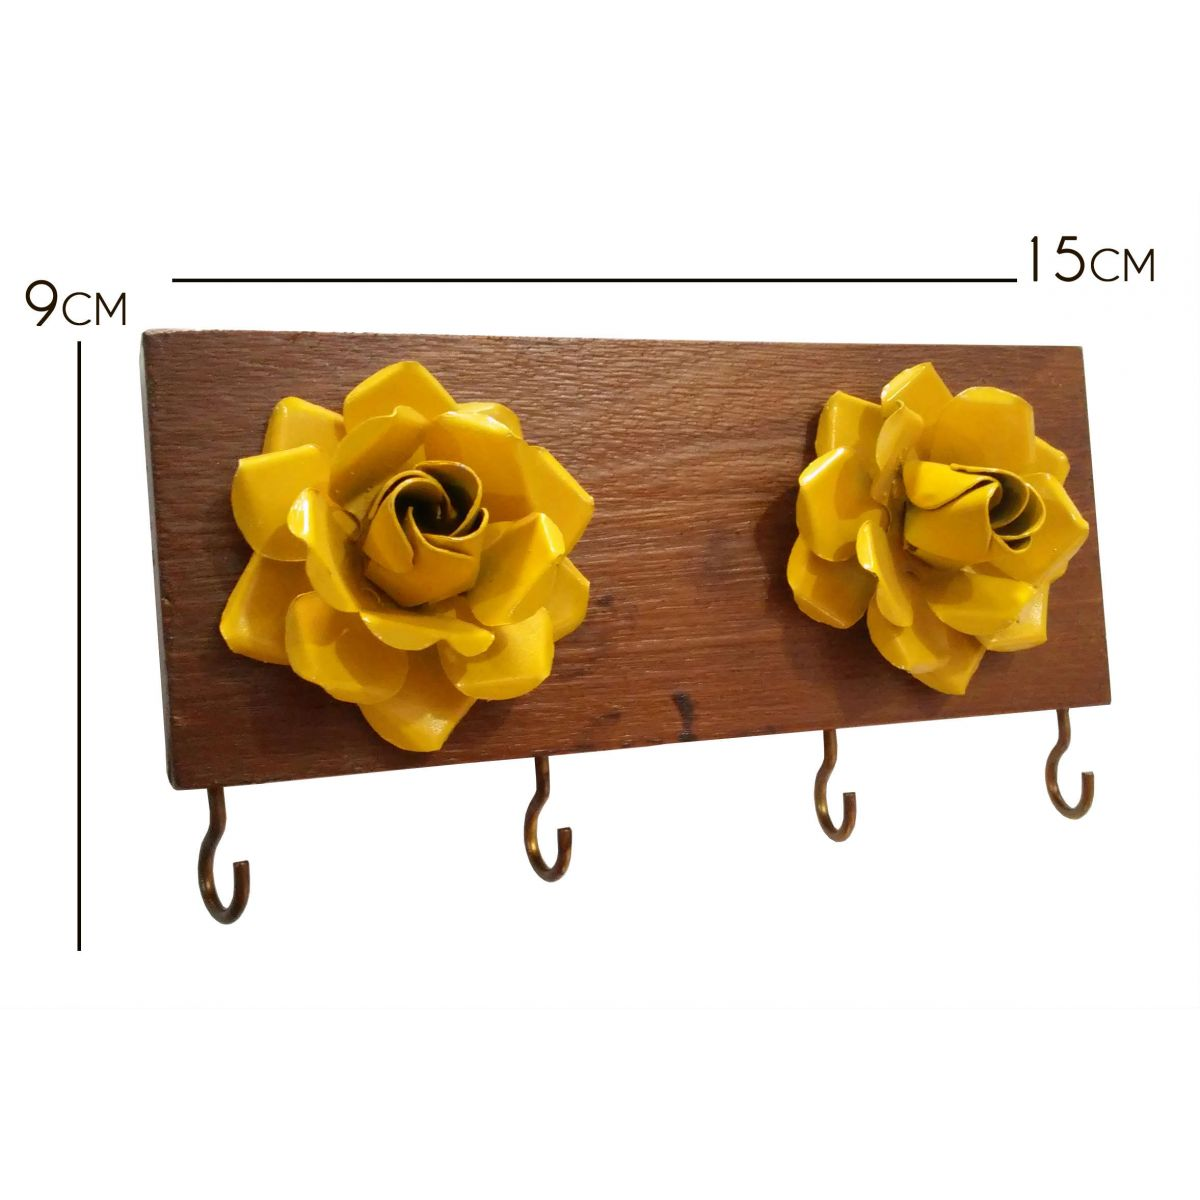 Porta Chave de Parede Rustico Artesanal com Flores de Ferro